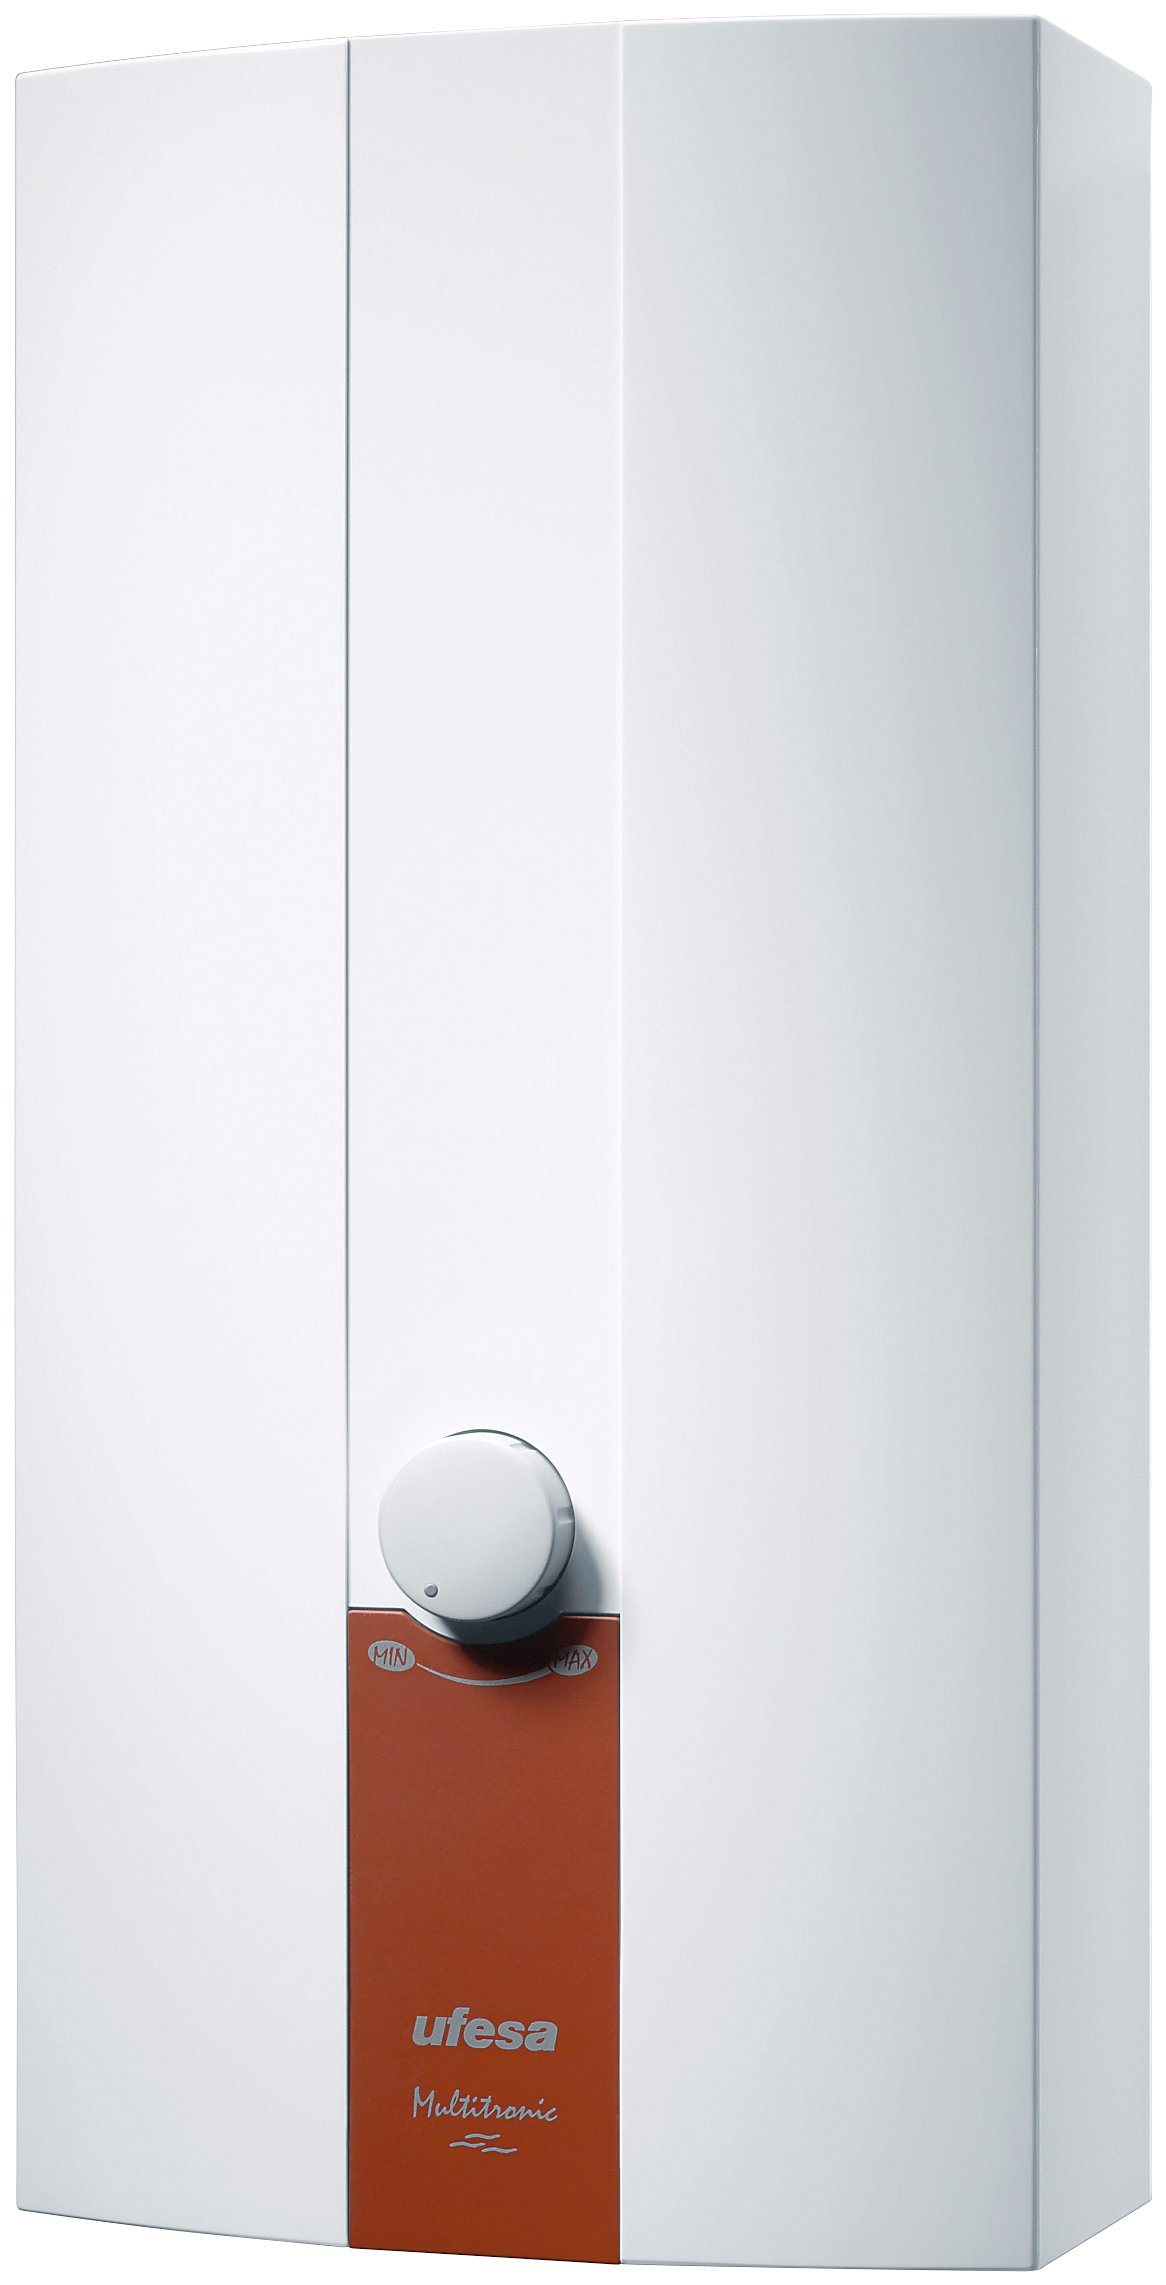 UFESA Durchlauferhitzer »DH1UF24M«, hydraulisch | Baumarkt > Heizung und Klima > Durchlauferhitzer | Ufesa